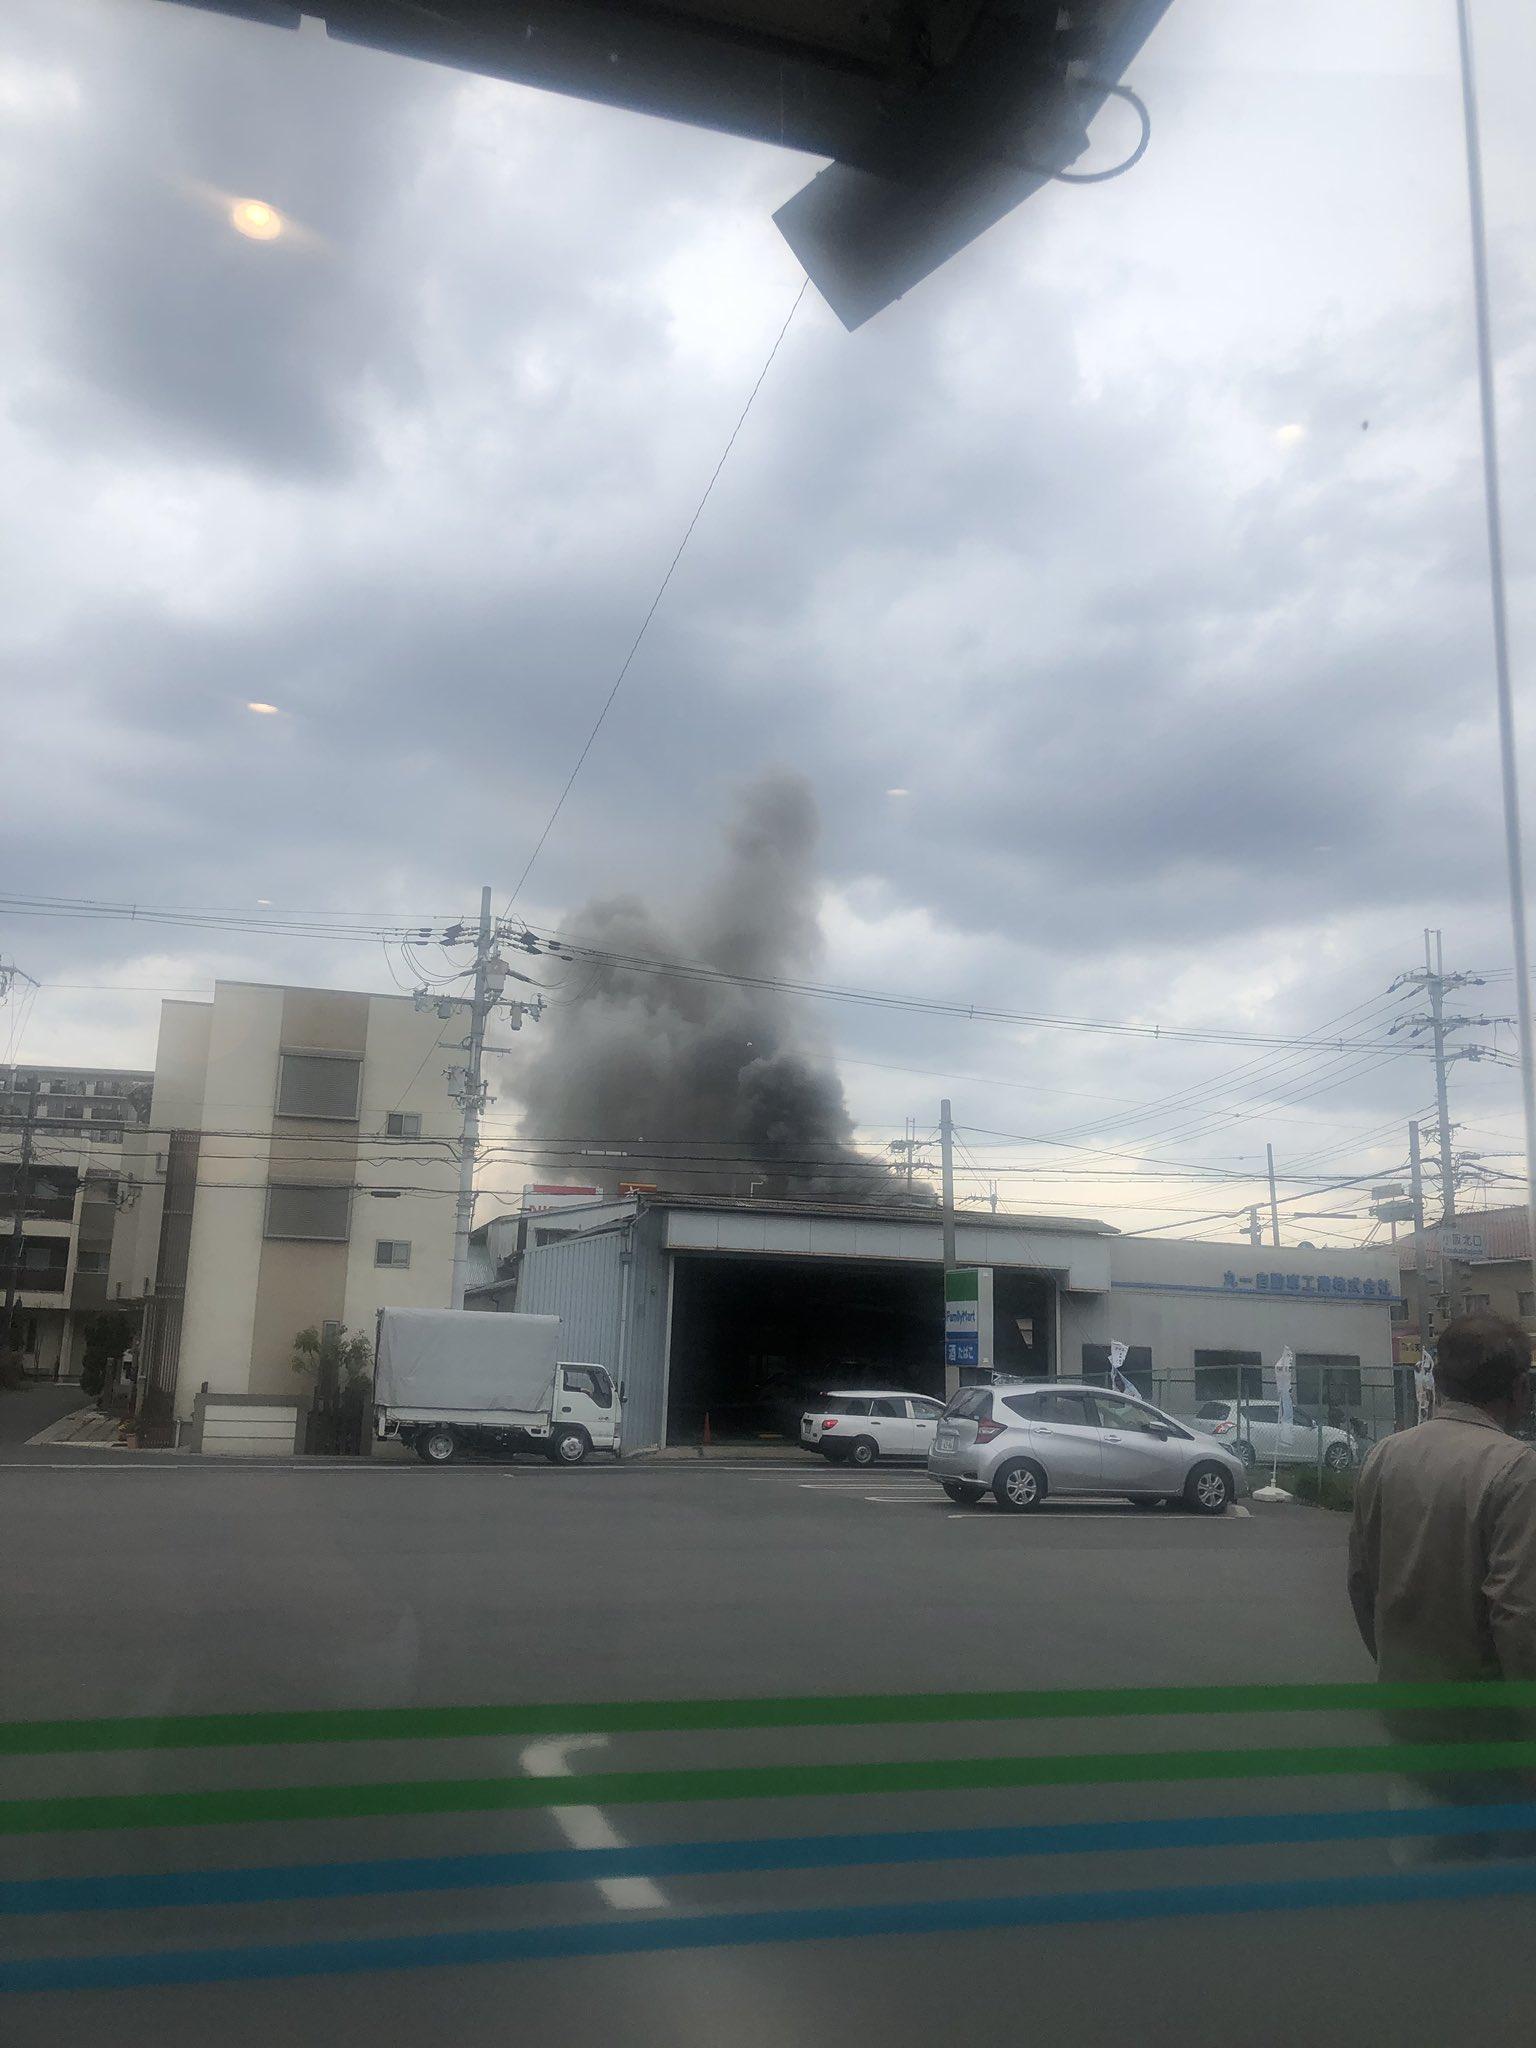 画像,東大阪の小阪で火事 https://t.co/cEN9wTKJxi。